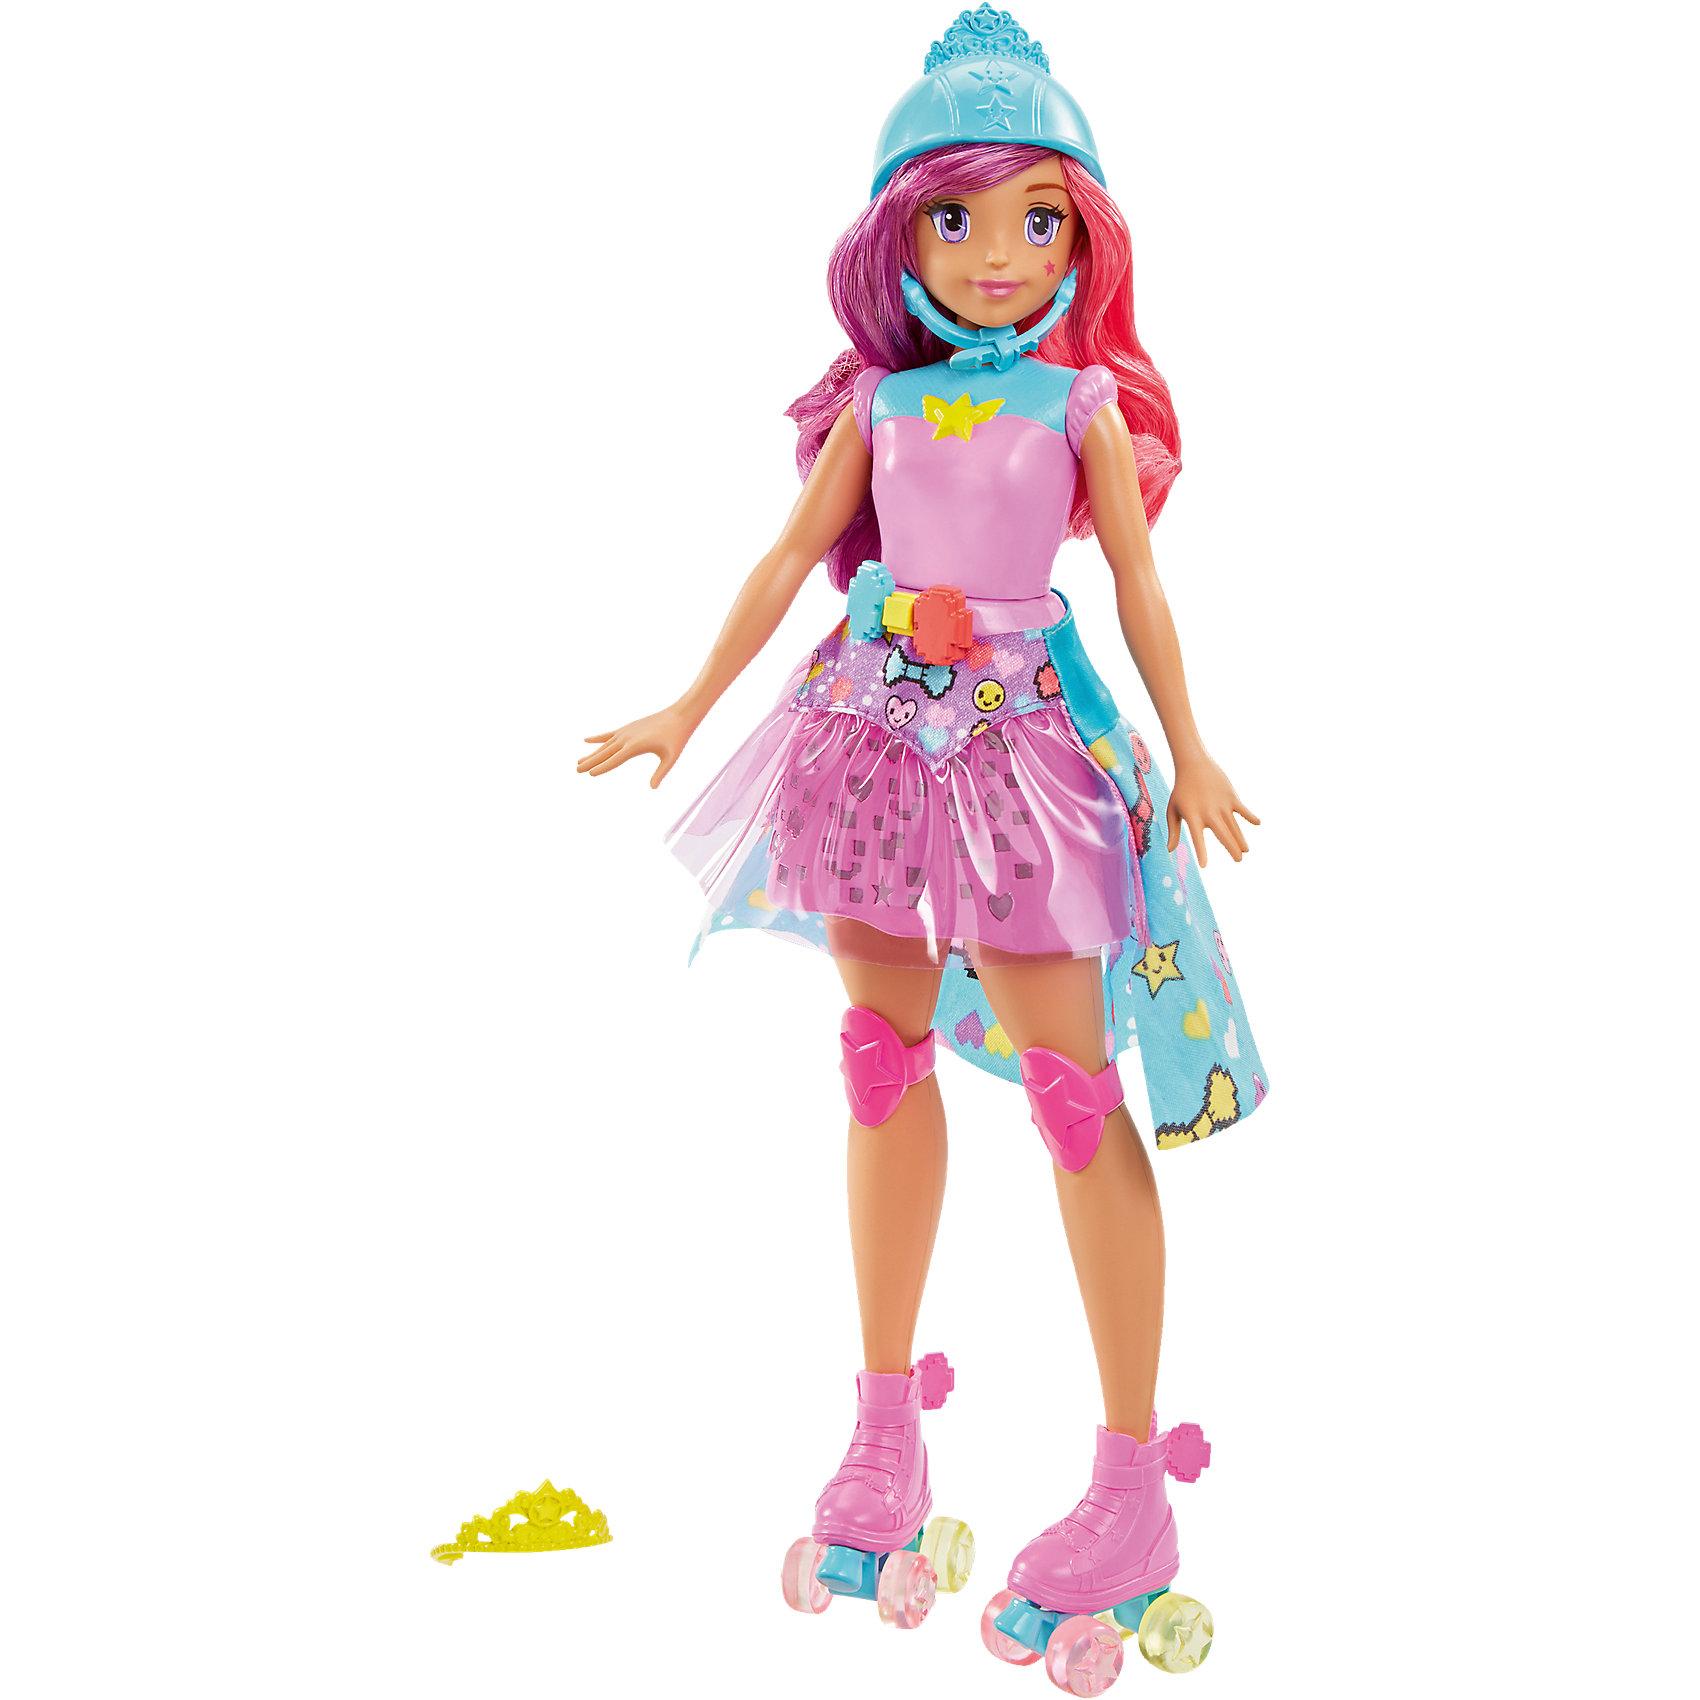 Кукла «Повтори цвета» из серии «Barbie и виртуальный мир»Barbie<br>Кукла «Повтори цвета» из серии «Barbie и виртуальный мир», (Барби)<br><br>Характеристики:<br><br>• юбка куклы светится тремя цветами<br>• 5 уровней сложности игры<br>• светящиеся ролики<br>• в комплекте: кукла, аксессуары<br>• материал: пластик, текстиль<br>• размер упаковки: 33х22х6 см<br>• вес: 345 грамм<br><br>Кукла Повтори цвета из серии «Barbie и виртуальный мир» - настоящий подарок для любительниц ярких игрушек. Юбка Барби светится несколькими огоньками, предлагая повторить последовательность с помощью кнопочек. Всего есть 5 встроенных уровней игры. Помимо светящейся юбки, Барби одета в яркие ролики, которые также светятся при движении. Кукла одета в розовое трико и наколенники; голова украшена защитным шлемом, который можно заменить прекрасной тиарой. С этой куклой девочка сможет придумать самую интересную и волшебную игру, дарящую море положительных эмоций!<br><br>Куклу «Повтори цвета» из серии «Barbie и виртуальный мир», (Барби) вы можете купить в нашем интернет-магазине.<br><br>Ширина мм: 326<br>Глубина мм: 226<br>Высота мм: 63<br>Вес г: 349<br>Возраст от месяцев: 36<br>Возраст до месяцев: 72<br>Пол: Женский<br>Возраст: Детский<br>SKU: 5089096